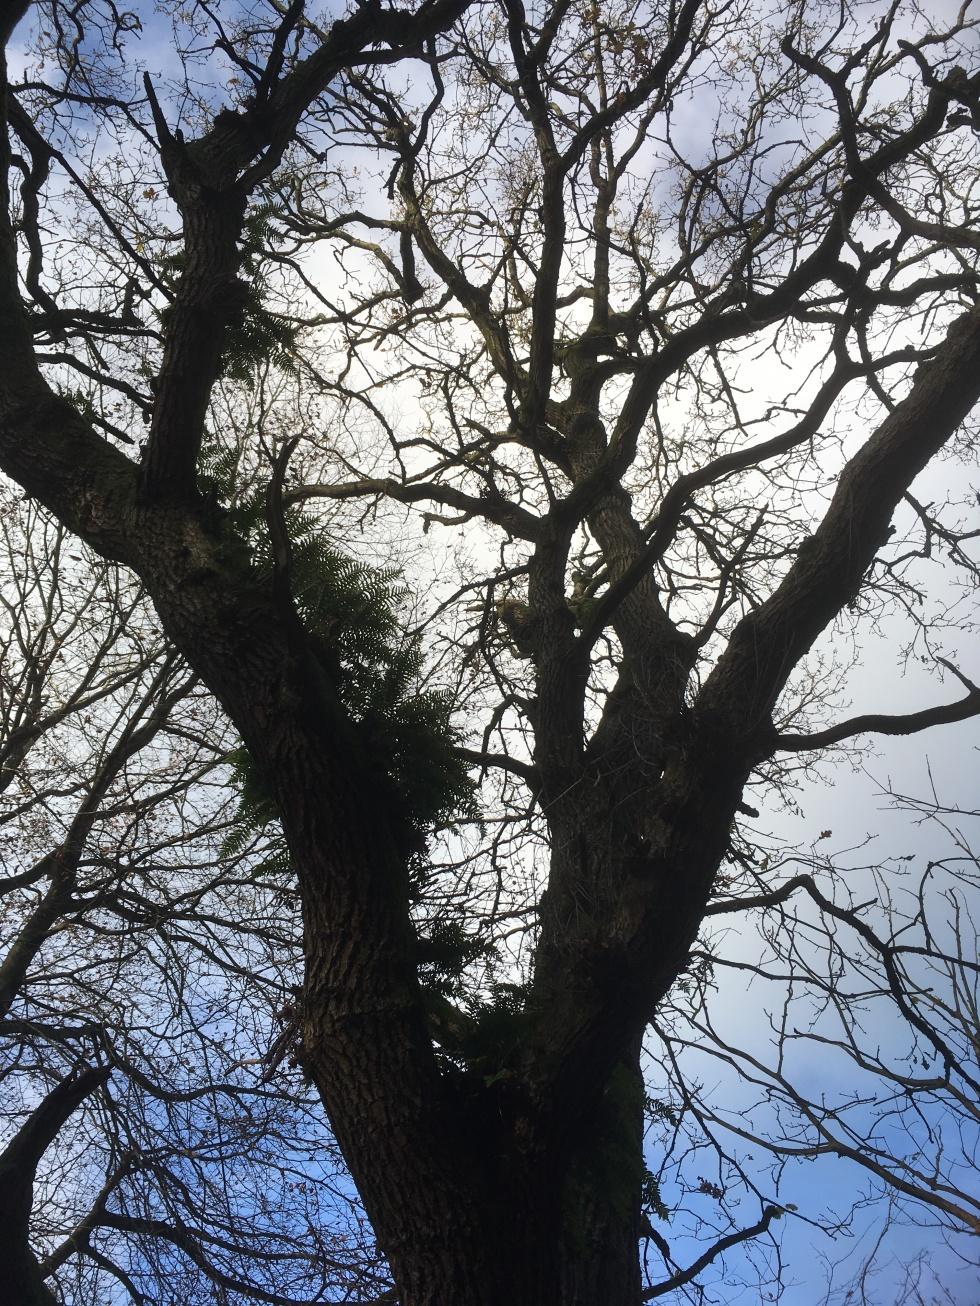 Aerial ferns